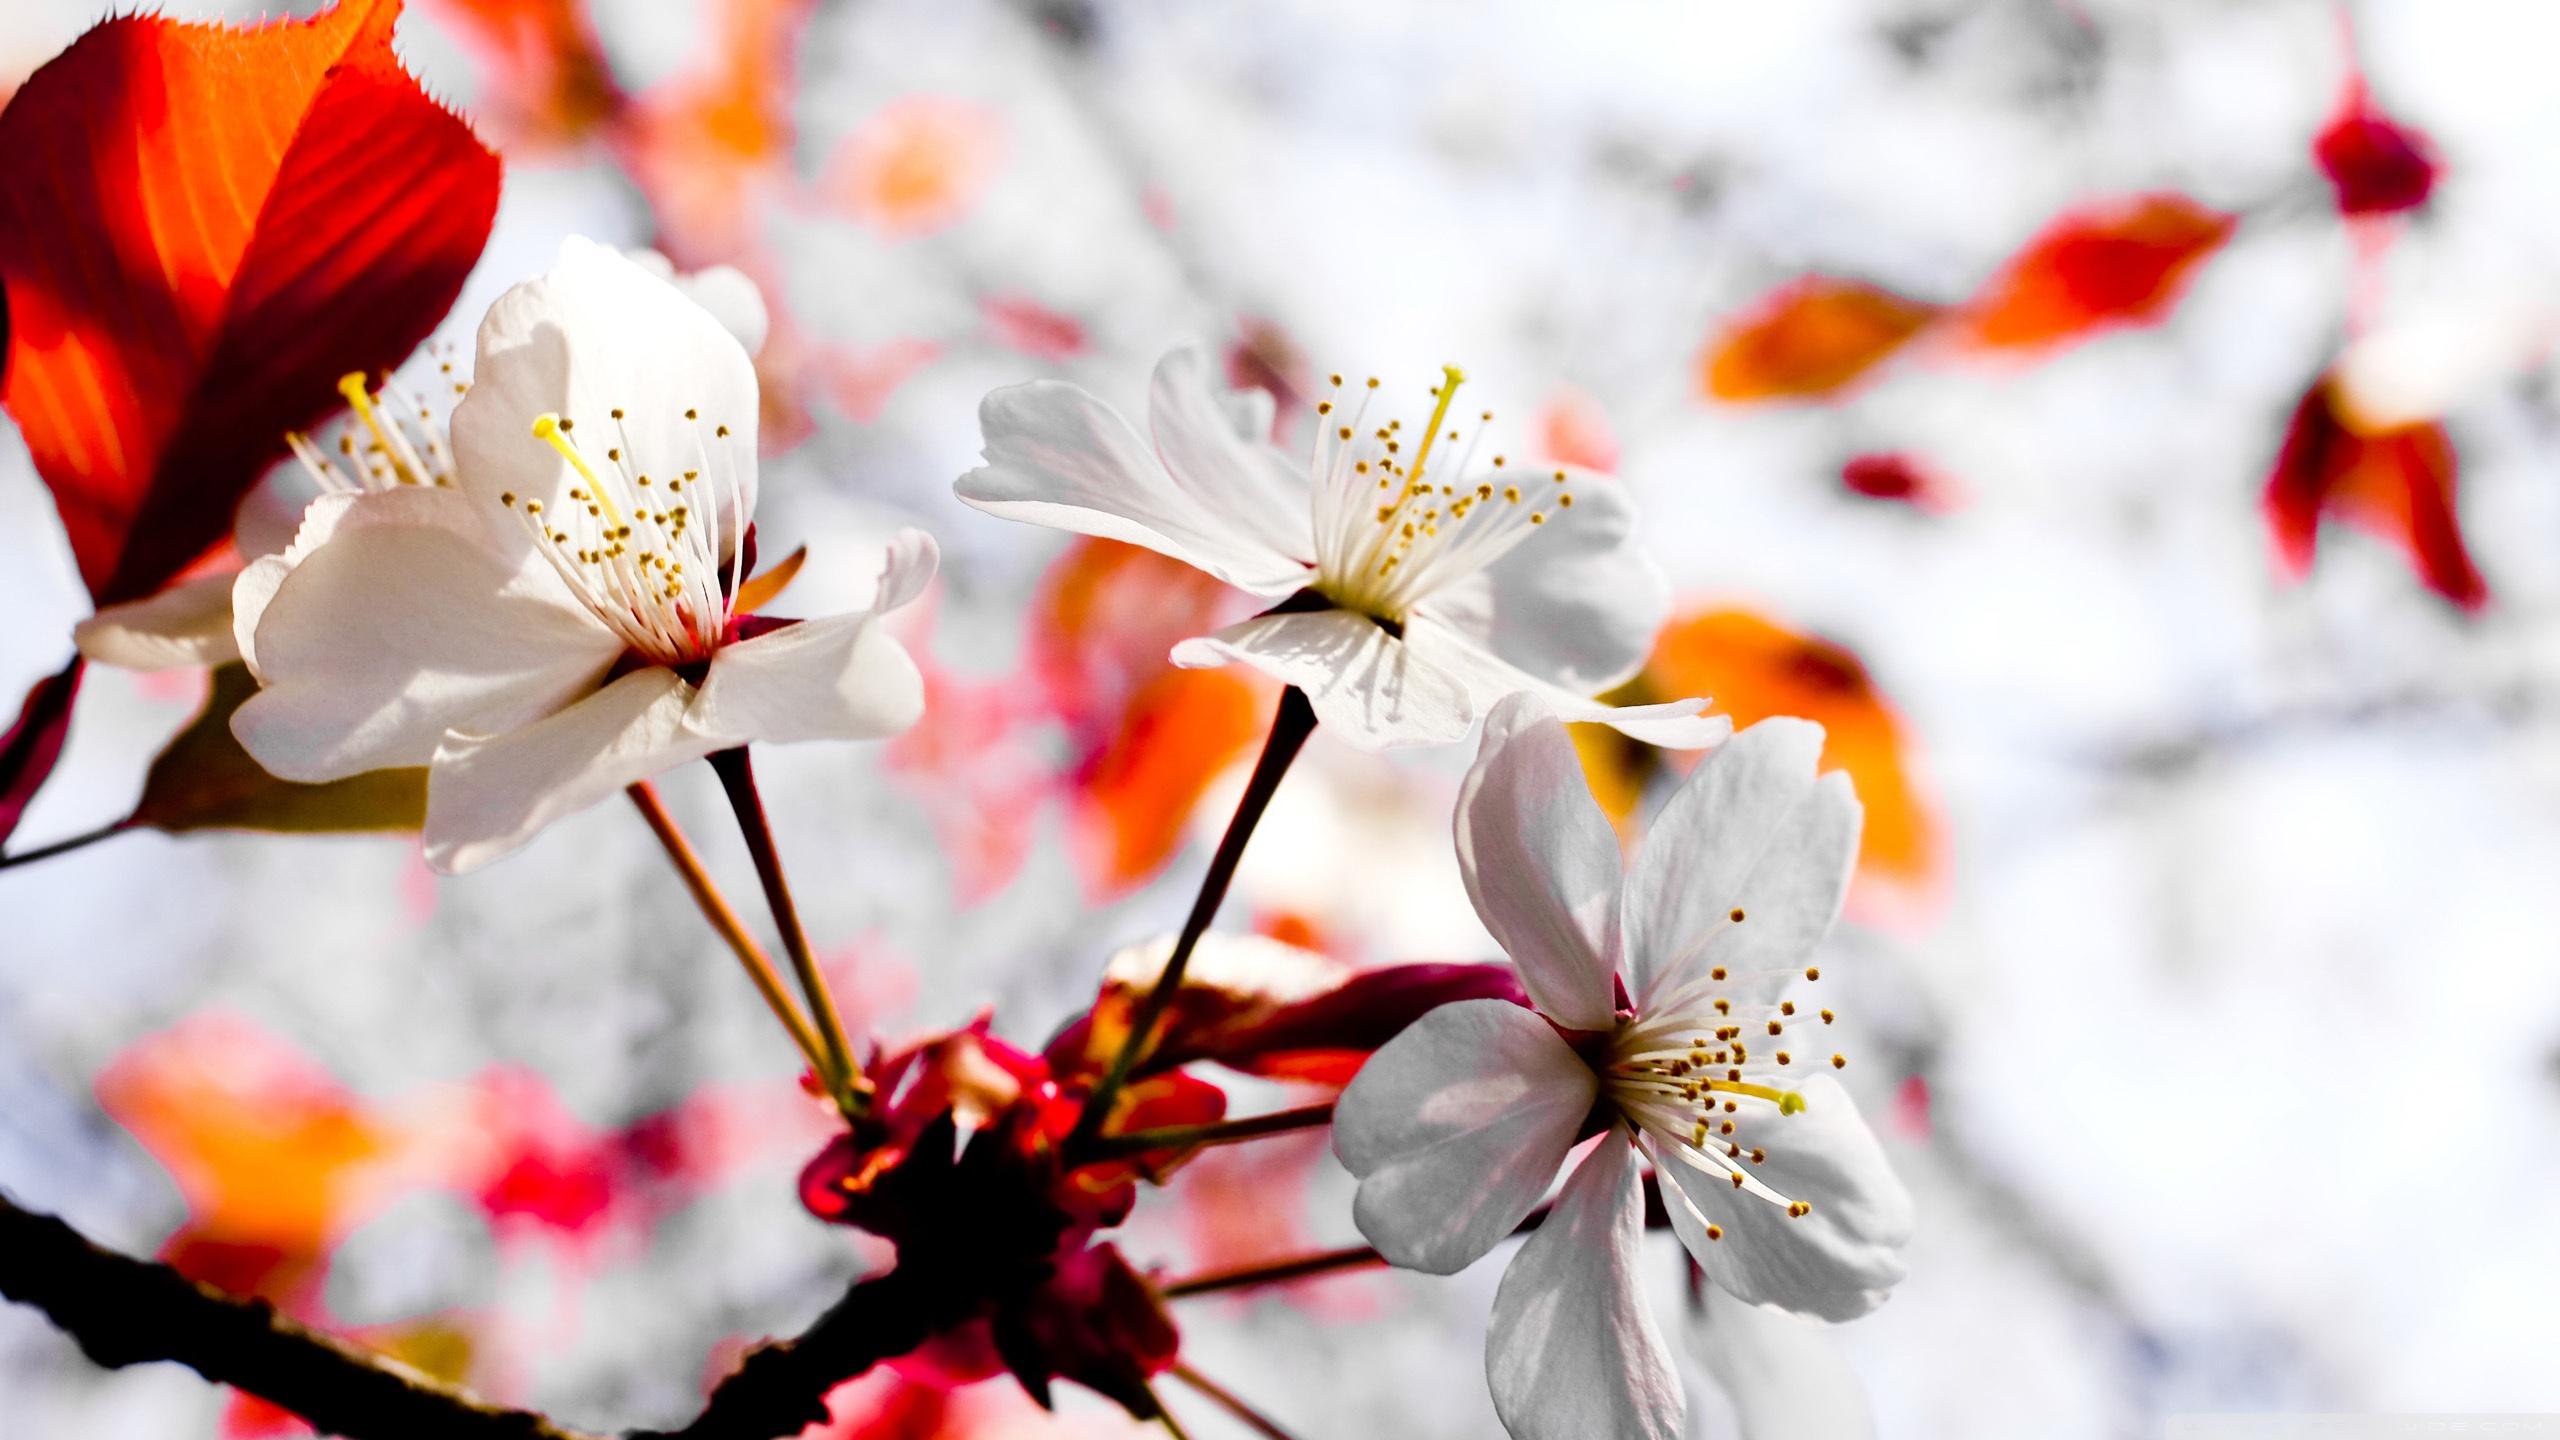 Spring Season Flowers 4K HD Desktop Wallpaper for 4K Ultra HD 2560x1440